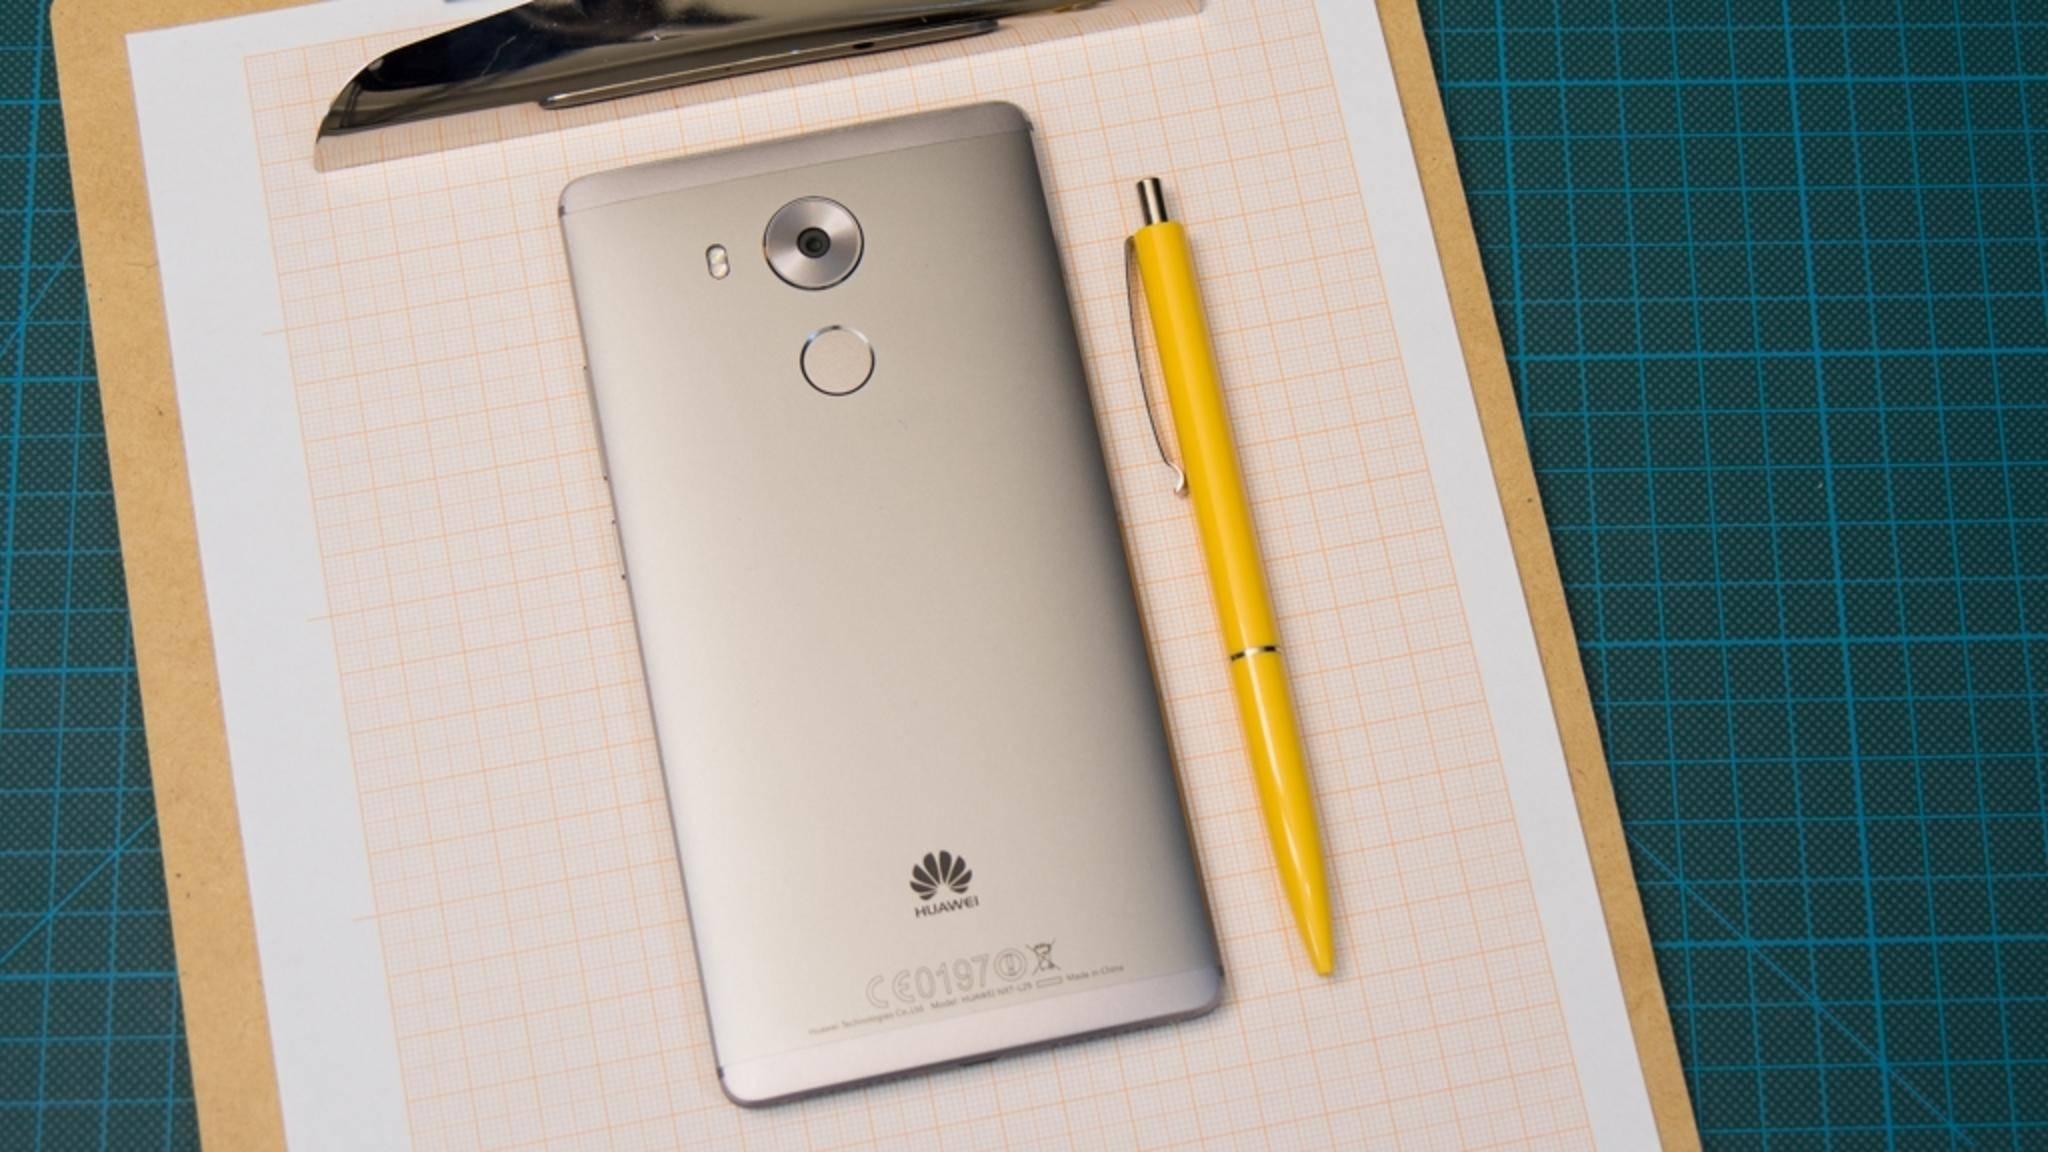 Das Huawei Mate 8 dürfte schon bald Android 7.0 erhalten.